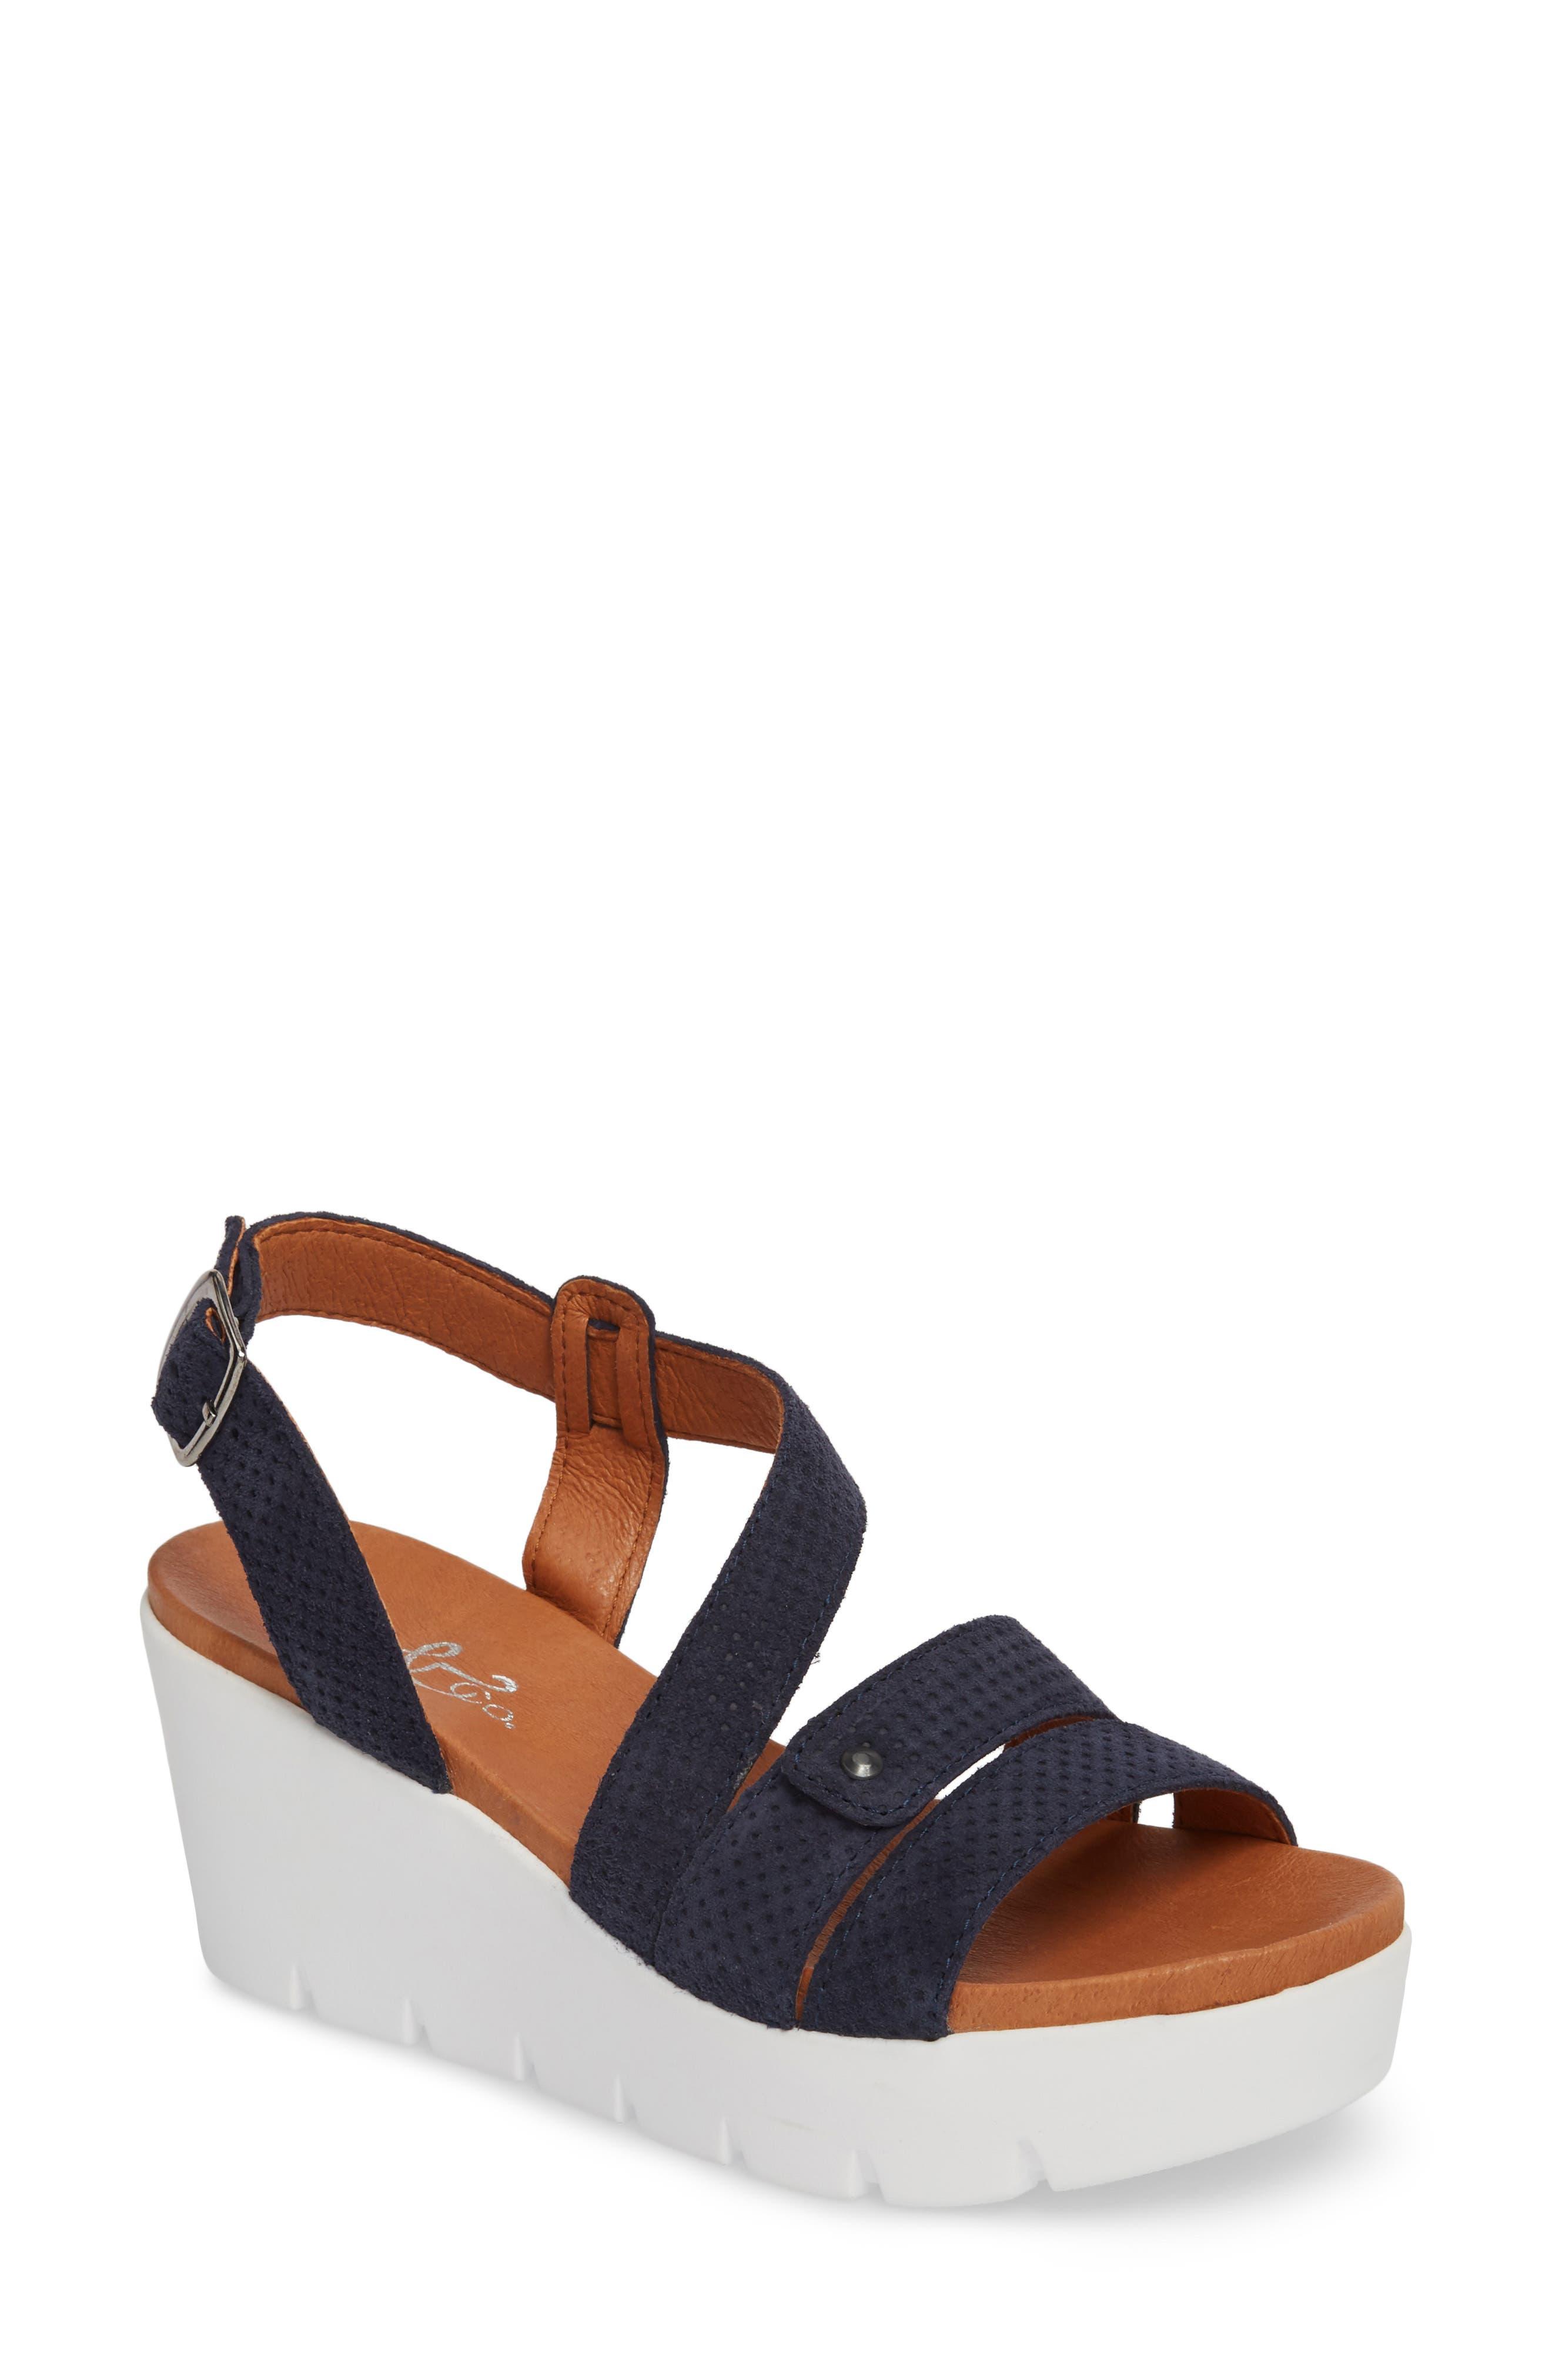 Bos. & Co. Sierra Platform Wedge Sandal - Blue